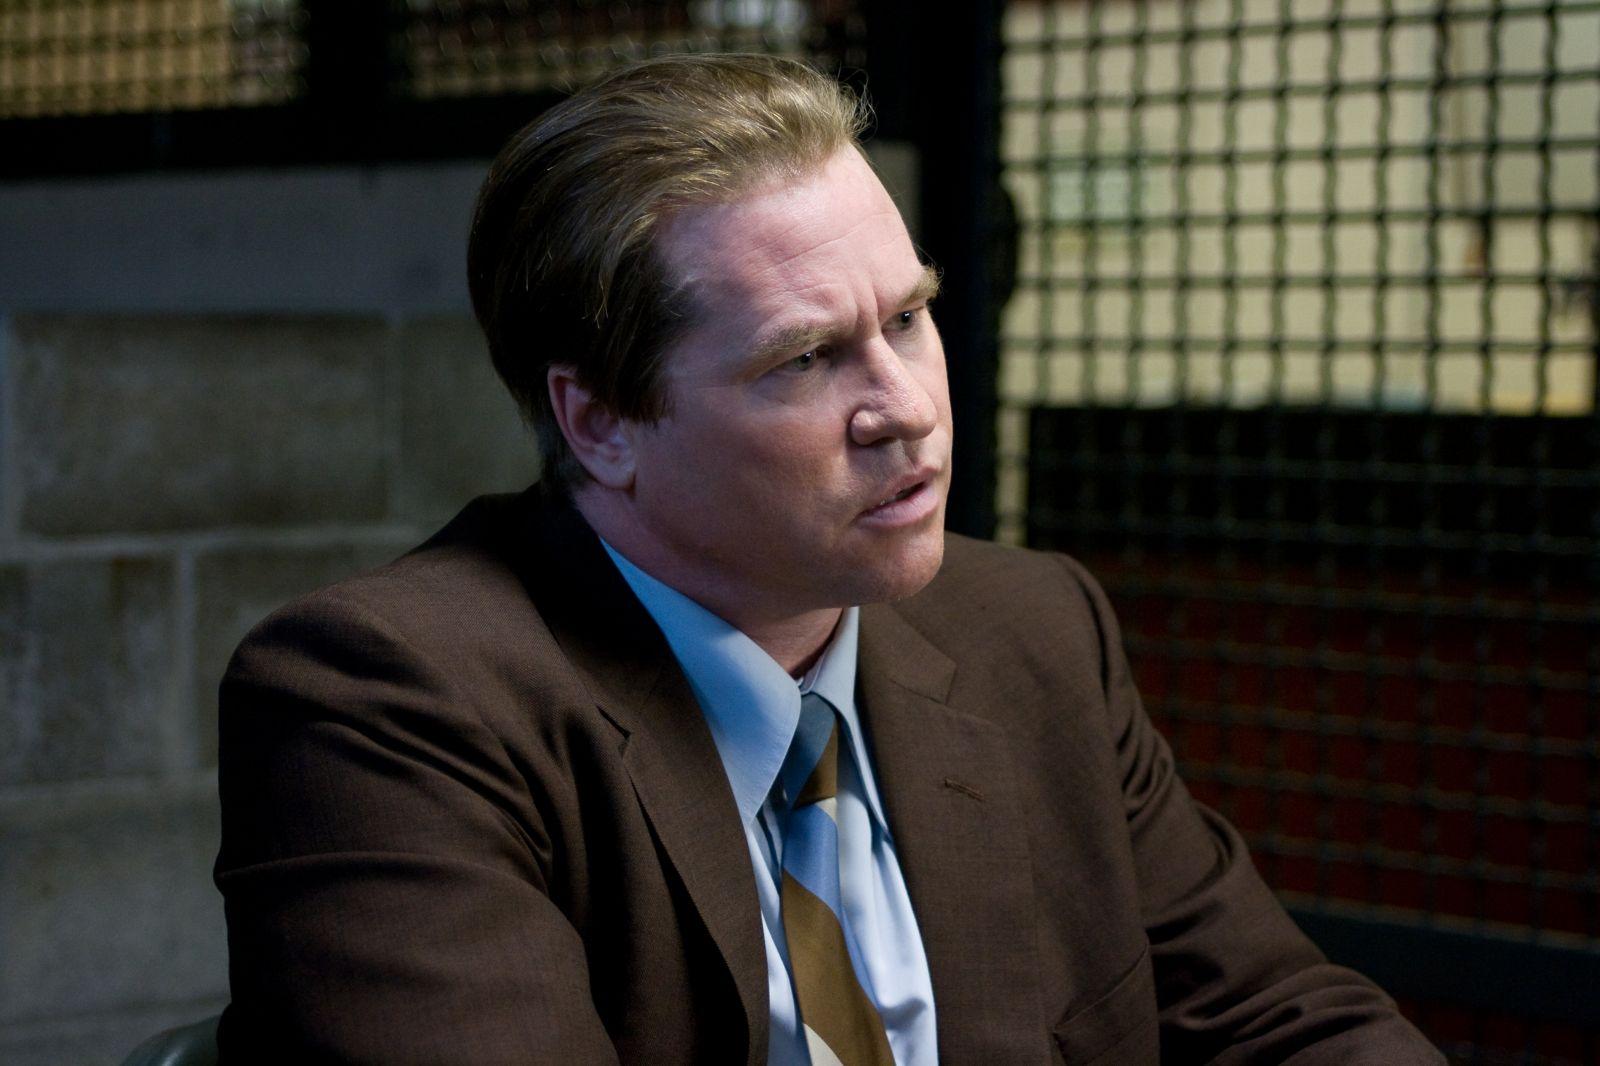 Val Kilmer wyraża ubolewanie z powodu swojego trudnego charakteru